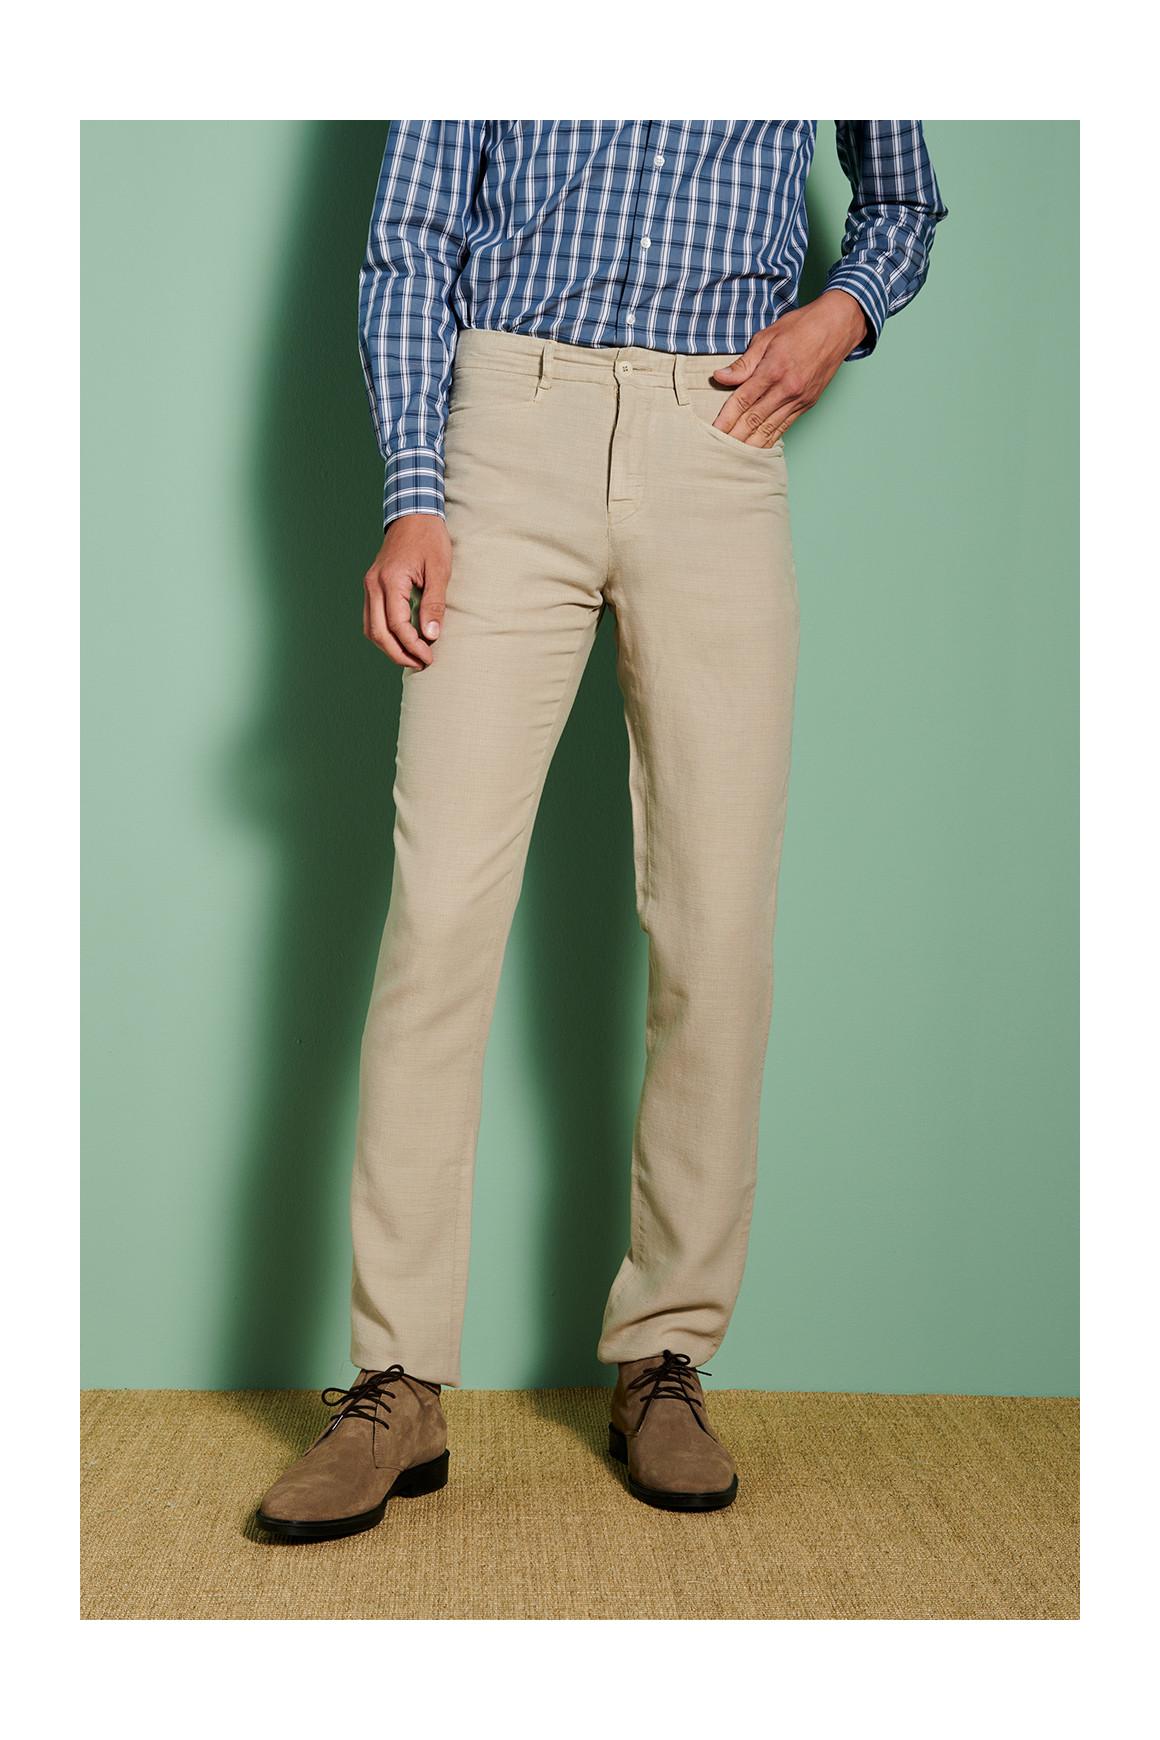 Pantalon Marcel Beige...